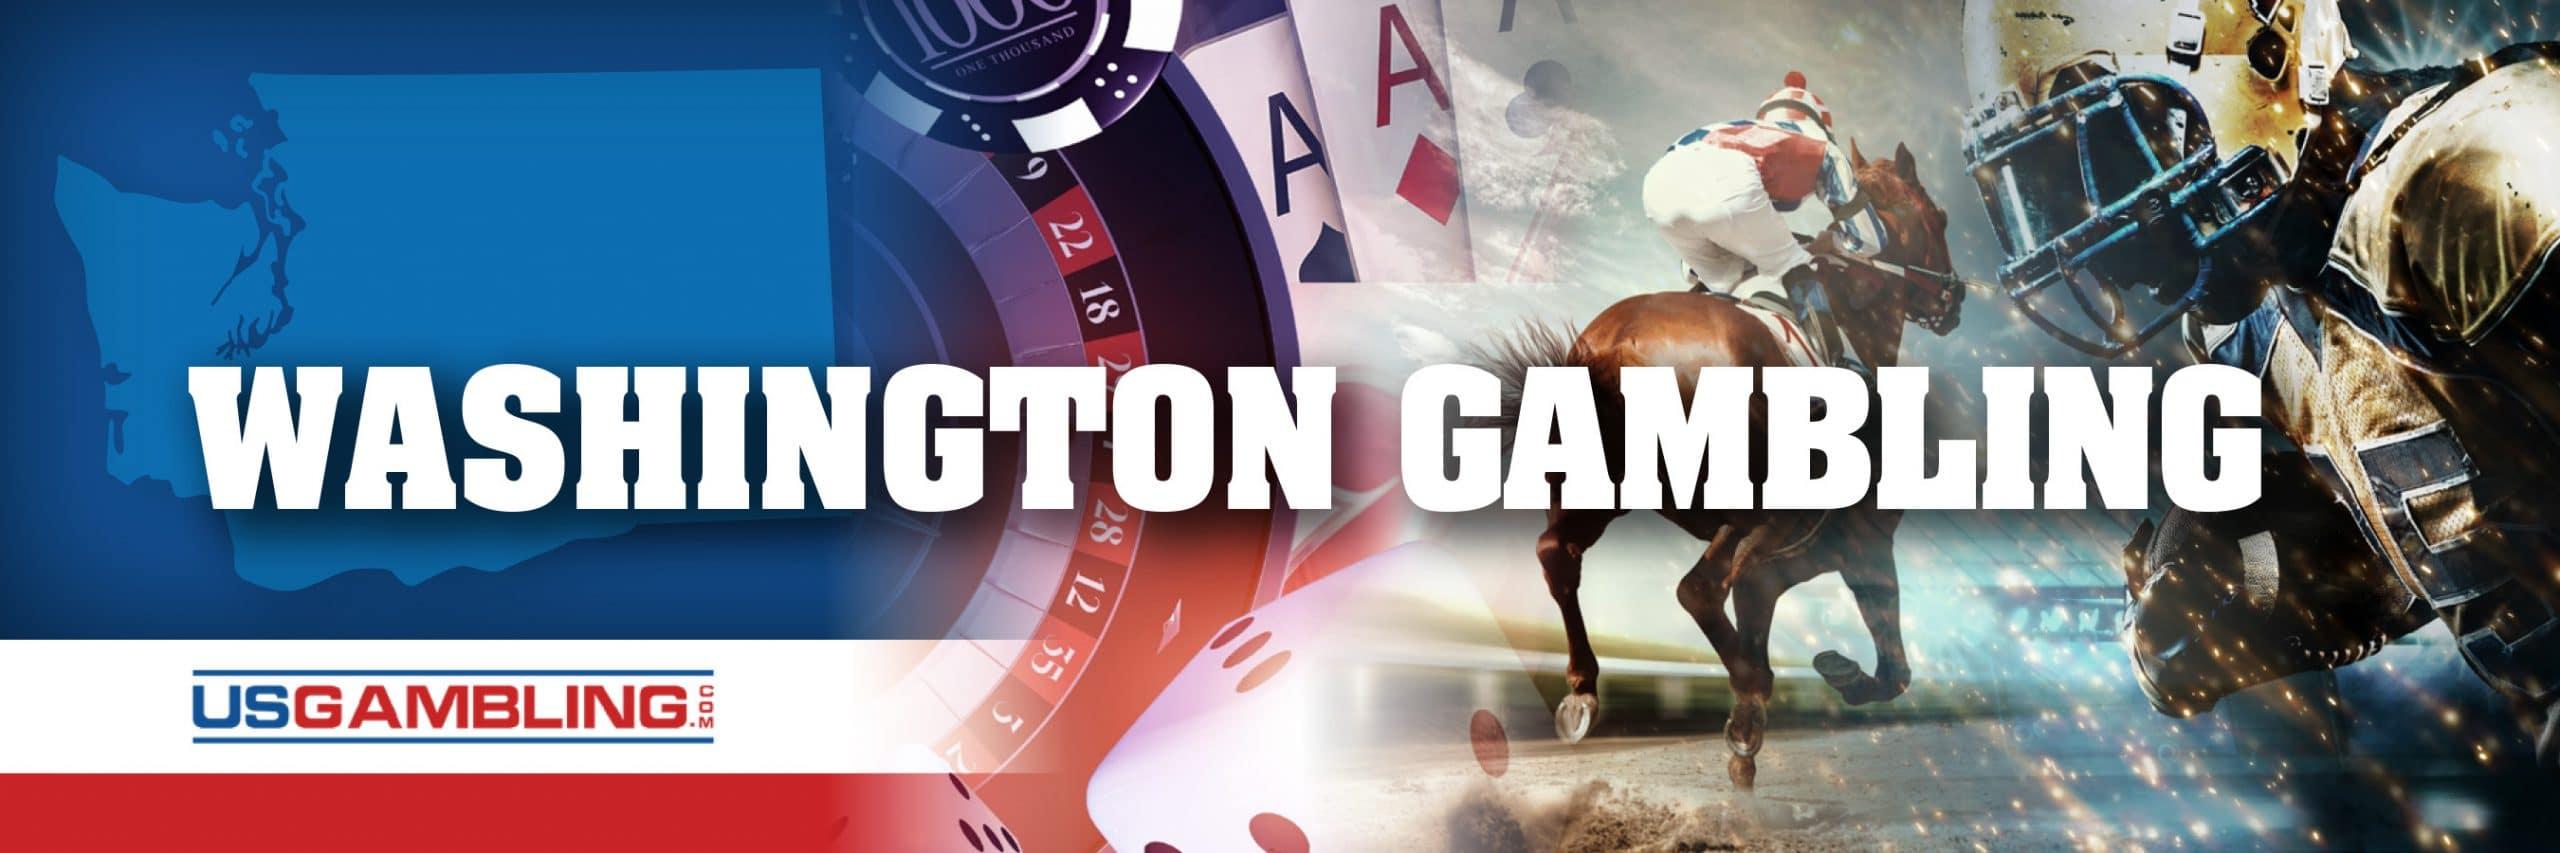 Legal Washington Gambling